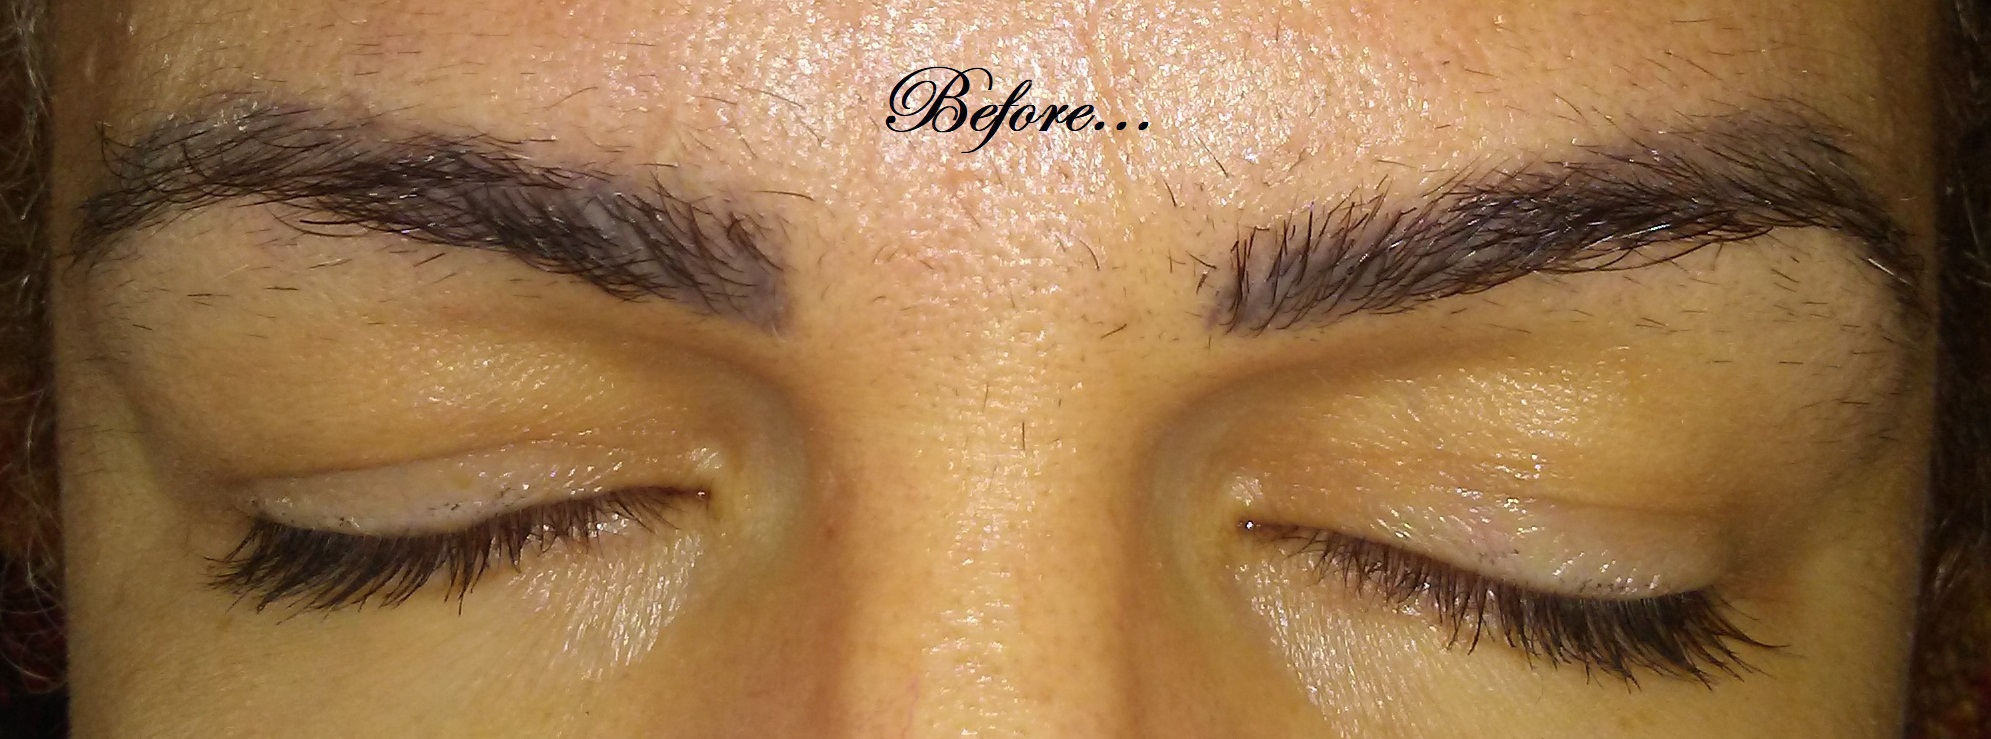 Design de sobrancelha antes estética designer de sobrancelhas